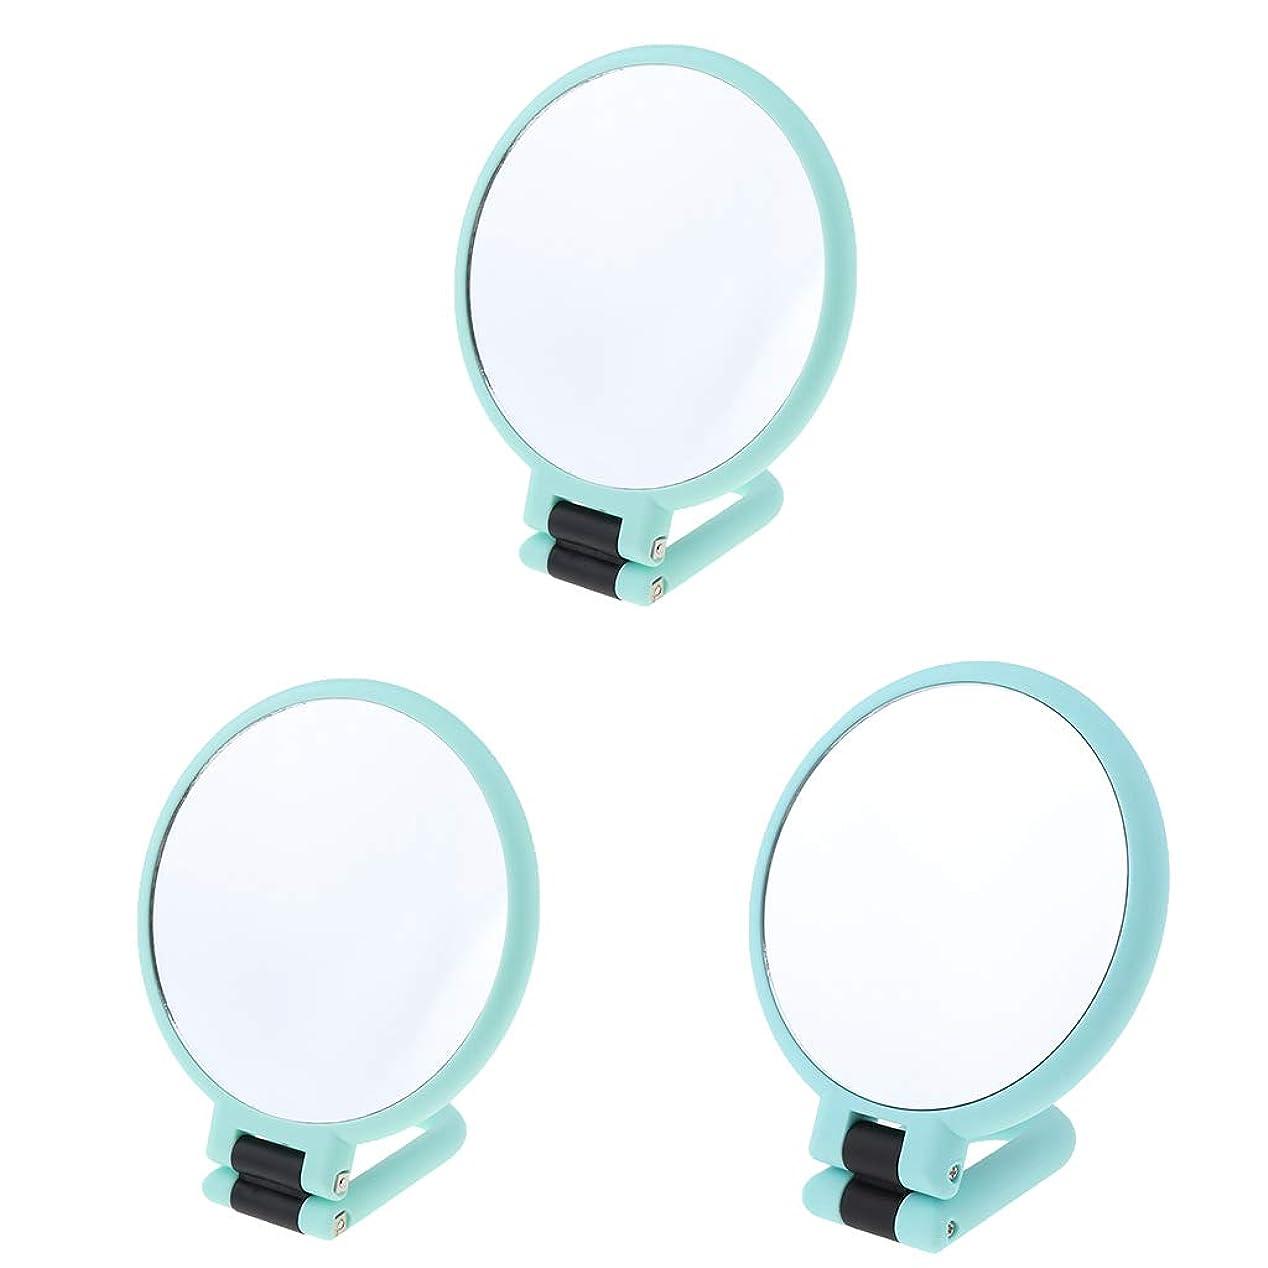 メルボルンベンチ名詞SM SunniMix 化粧鏡 折りたたみ式 両面ミラー 化粧ミラー 拡大鏡 全2選択 - 2倍/ 3倍/ 15倍